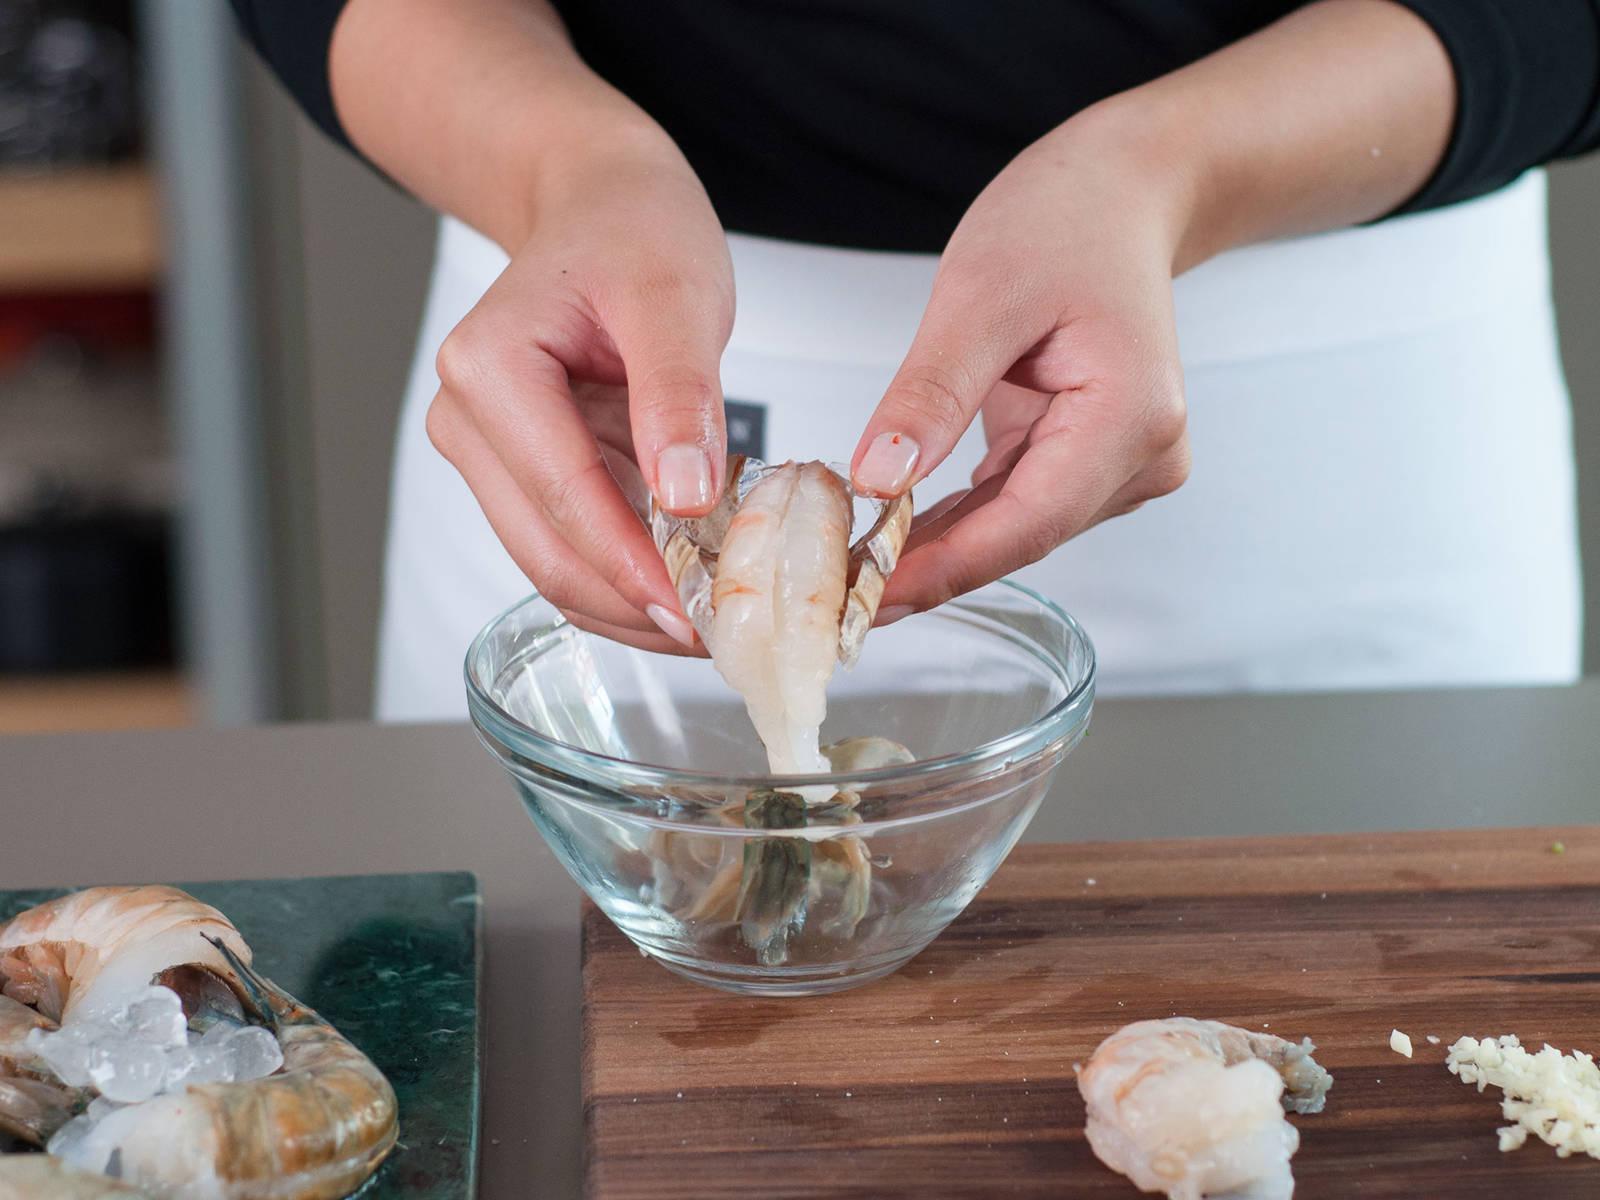 剁碎蒜。将罗勒切细丝,虾去皮,如有需要也可去虾线。